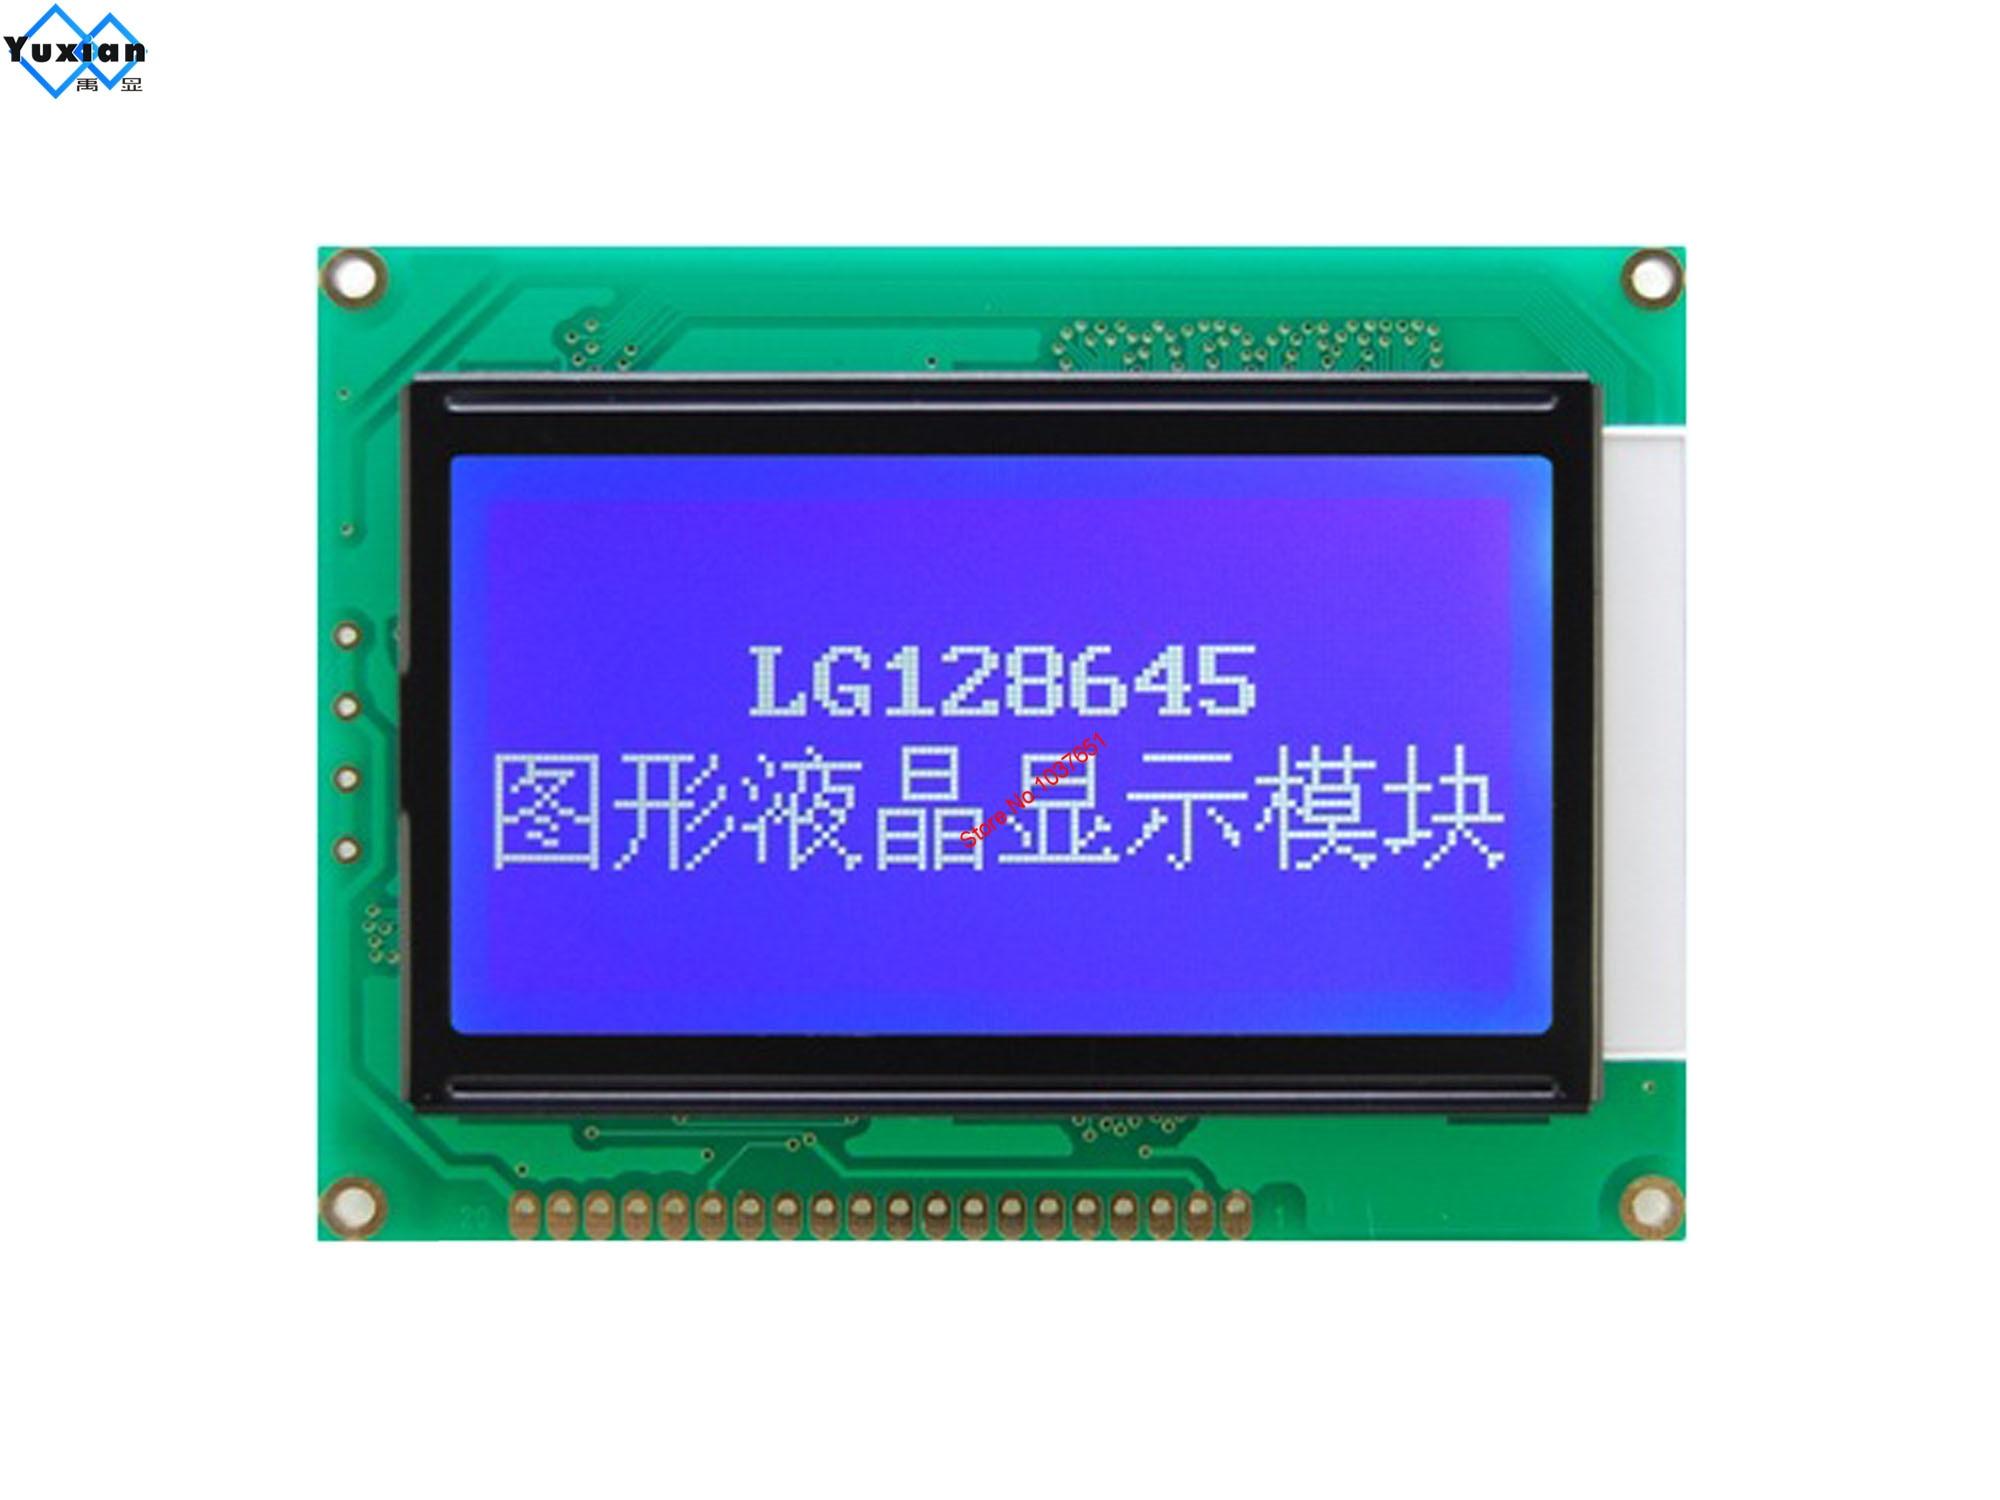 12864 128*64 st7920 display lcd módulo gráfico spi serial azul 5v LG128645BMDWH6V-H32 em vez sgs12864 wg12864 LM3033DFW-0B